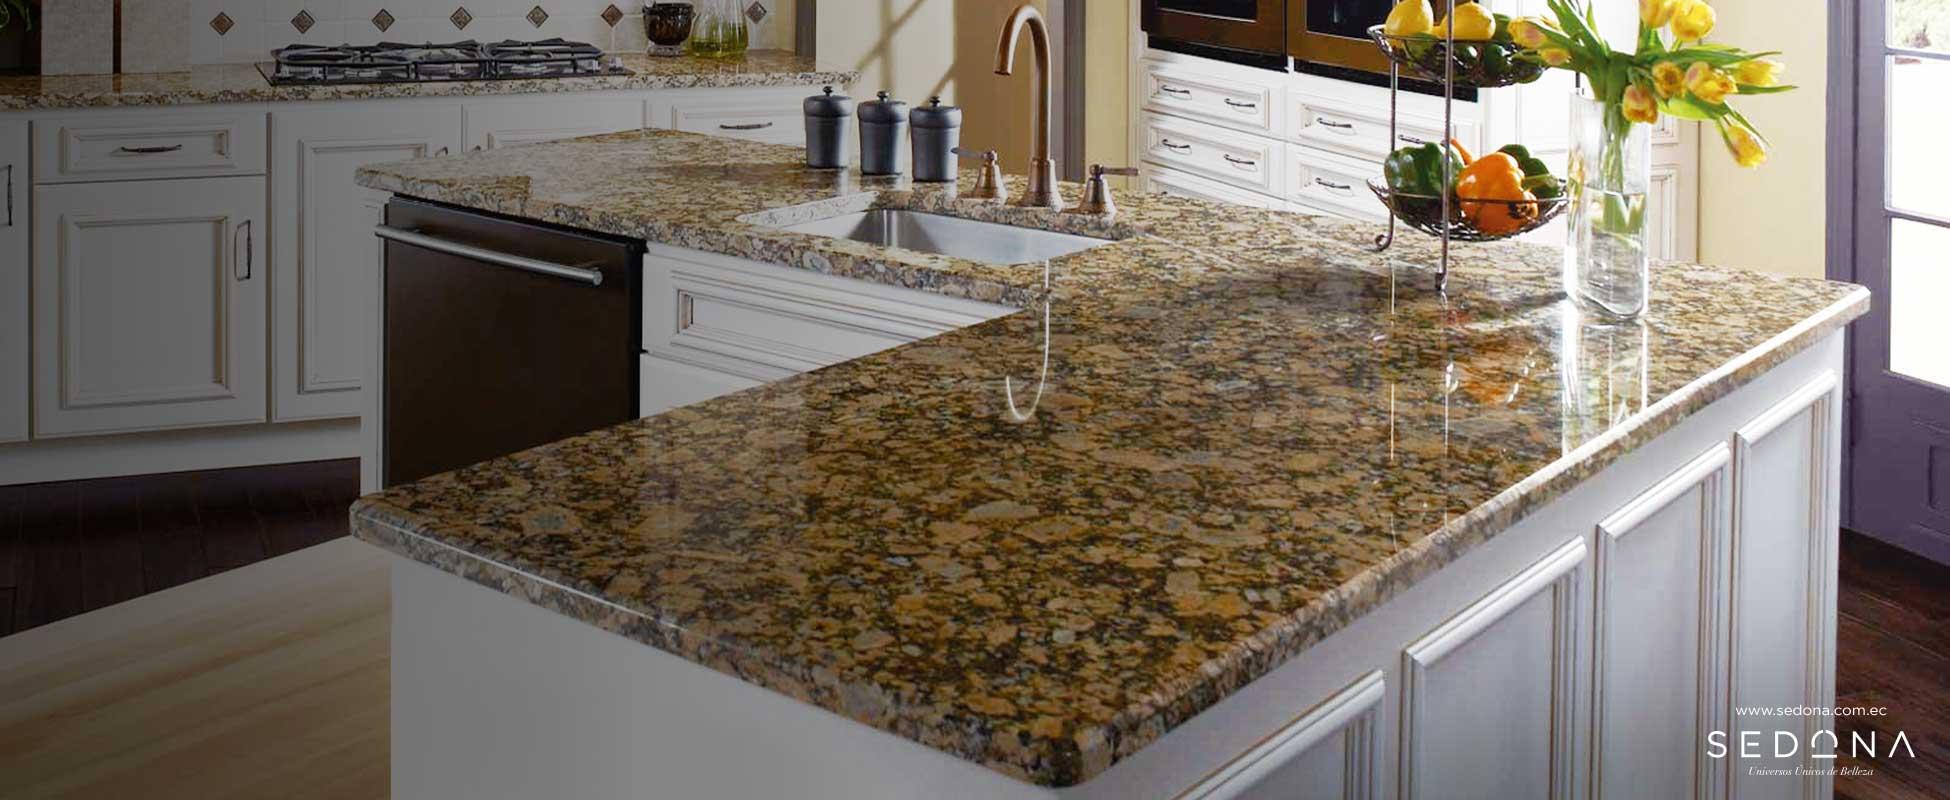 Granito fiorito sedona importador directo granitos for Limpiador de marmol y granito